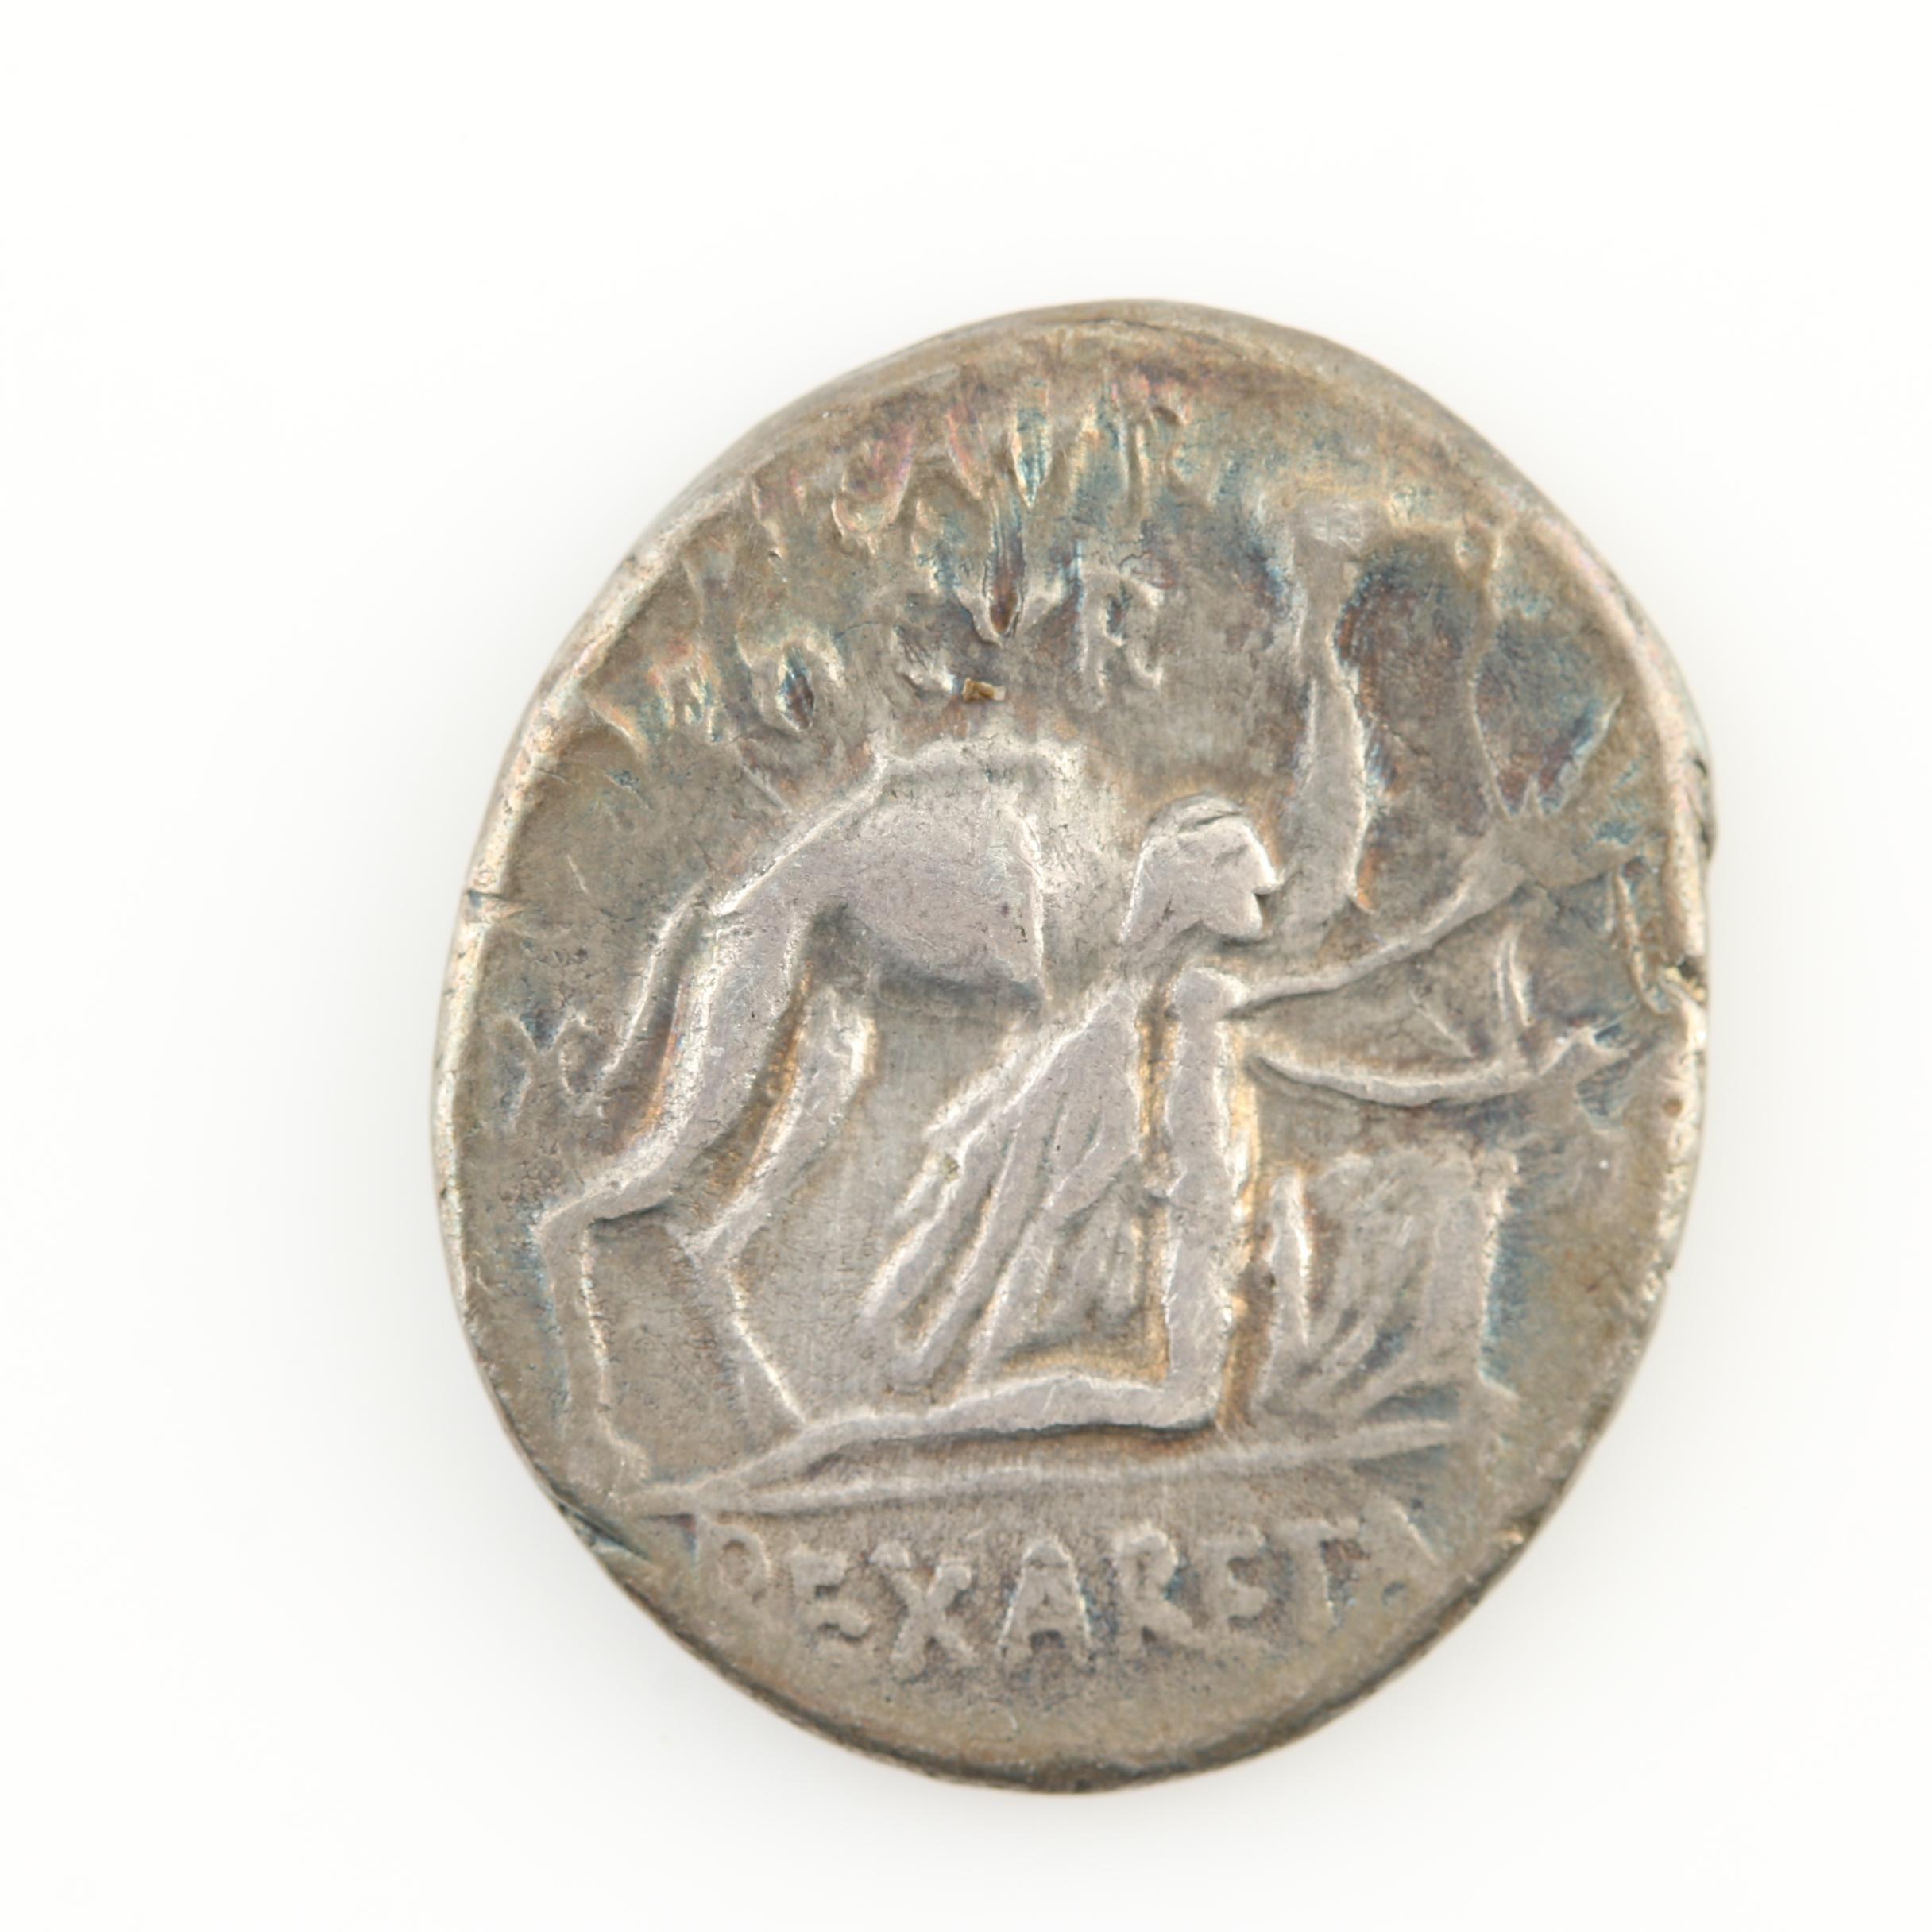 Ancient Roman Republic Commemorative Denarius of M. Aemillus Scaurus, ca. 58 BC